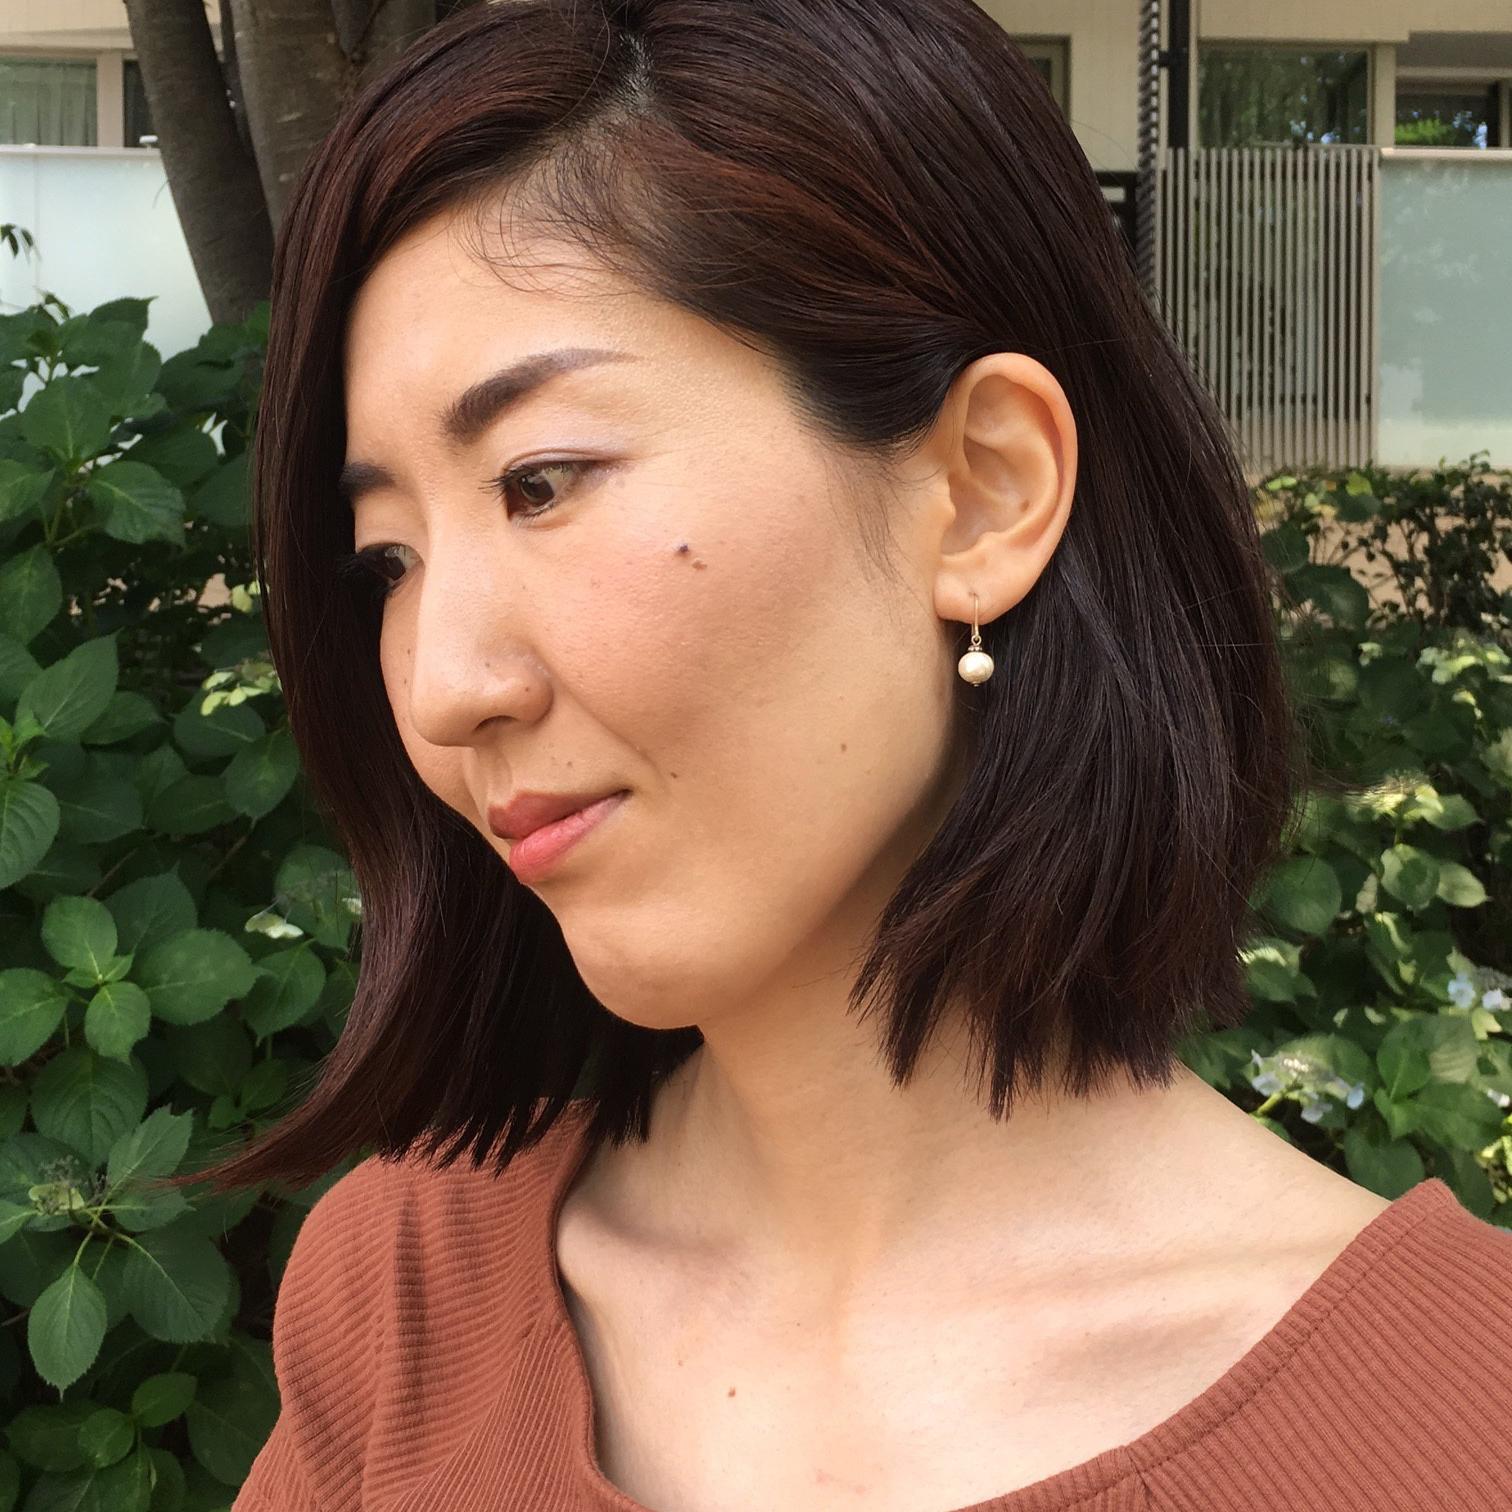 夏の暑さもヘアスタイルのチェンジで乗り切る!【マリソル美女組ブログPICK UP】_1_1-3